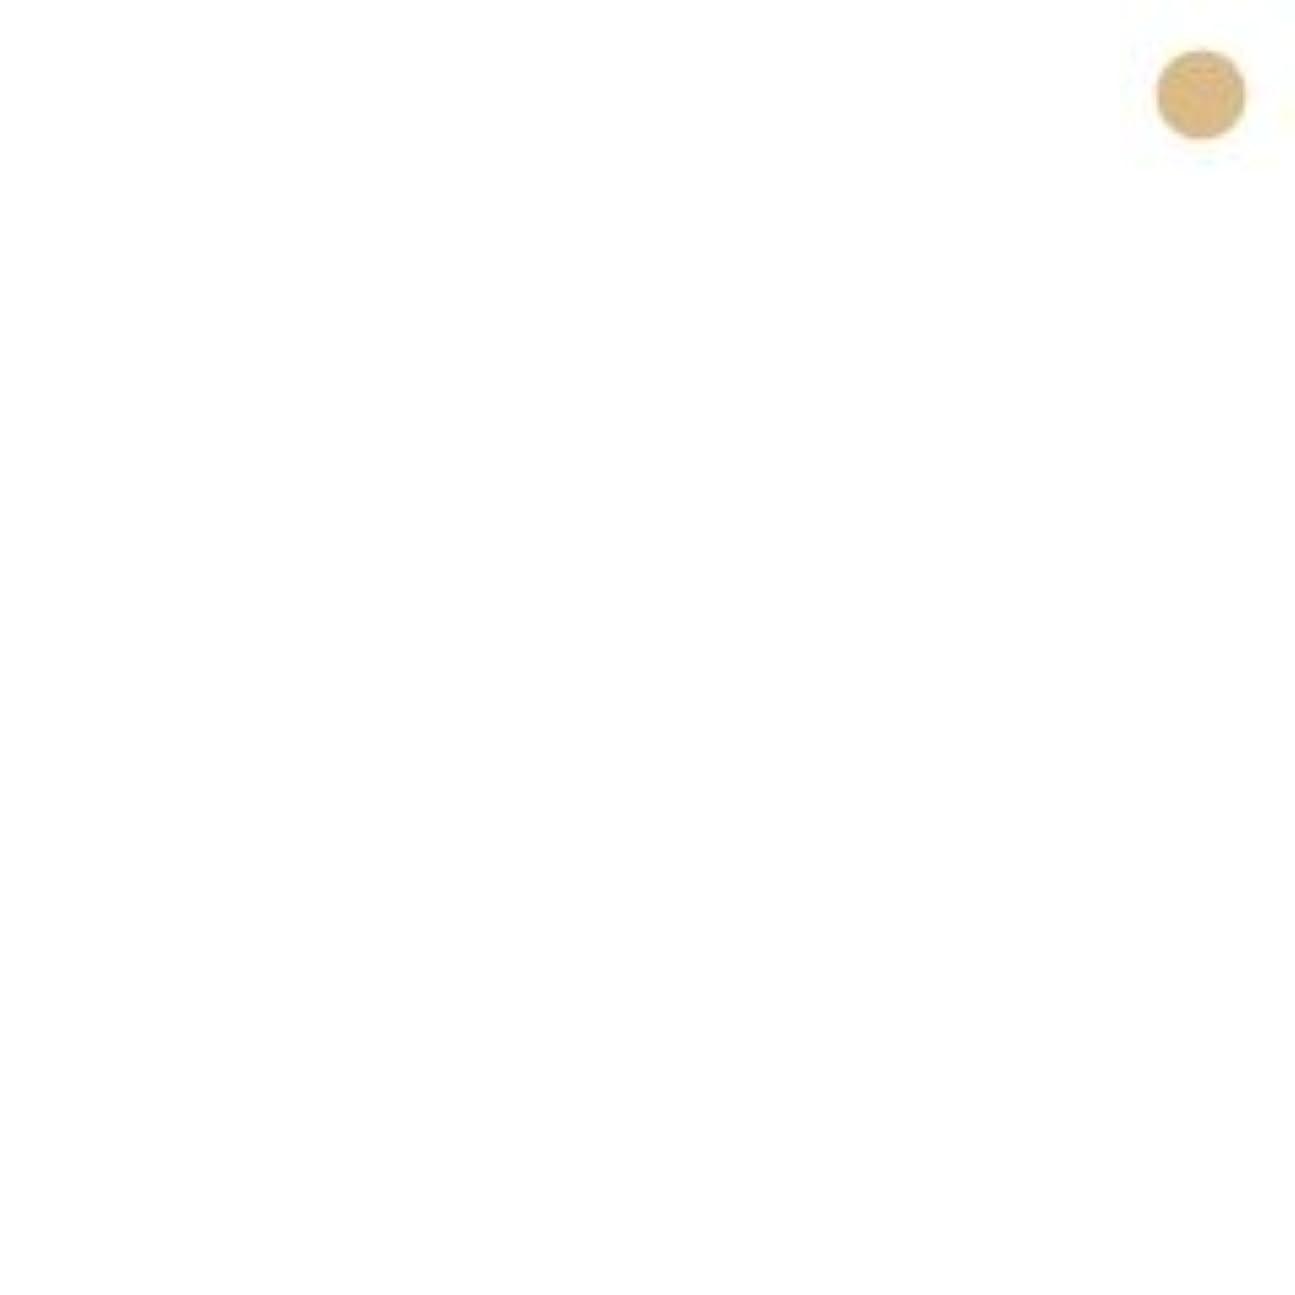 ペレグリネーションスワップ相手【カバーマーク】ジャスミーカラー パウダリーファンデーション #YP30 (レフィル)